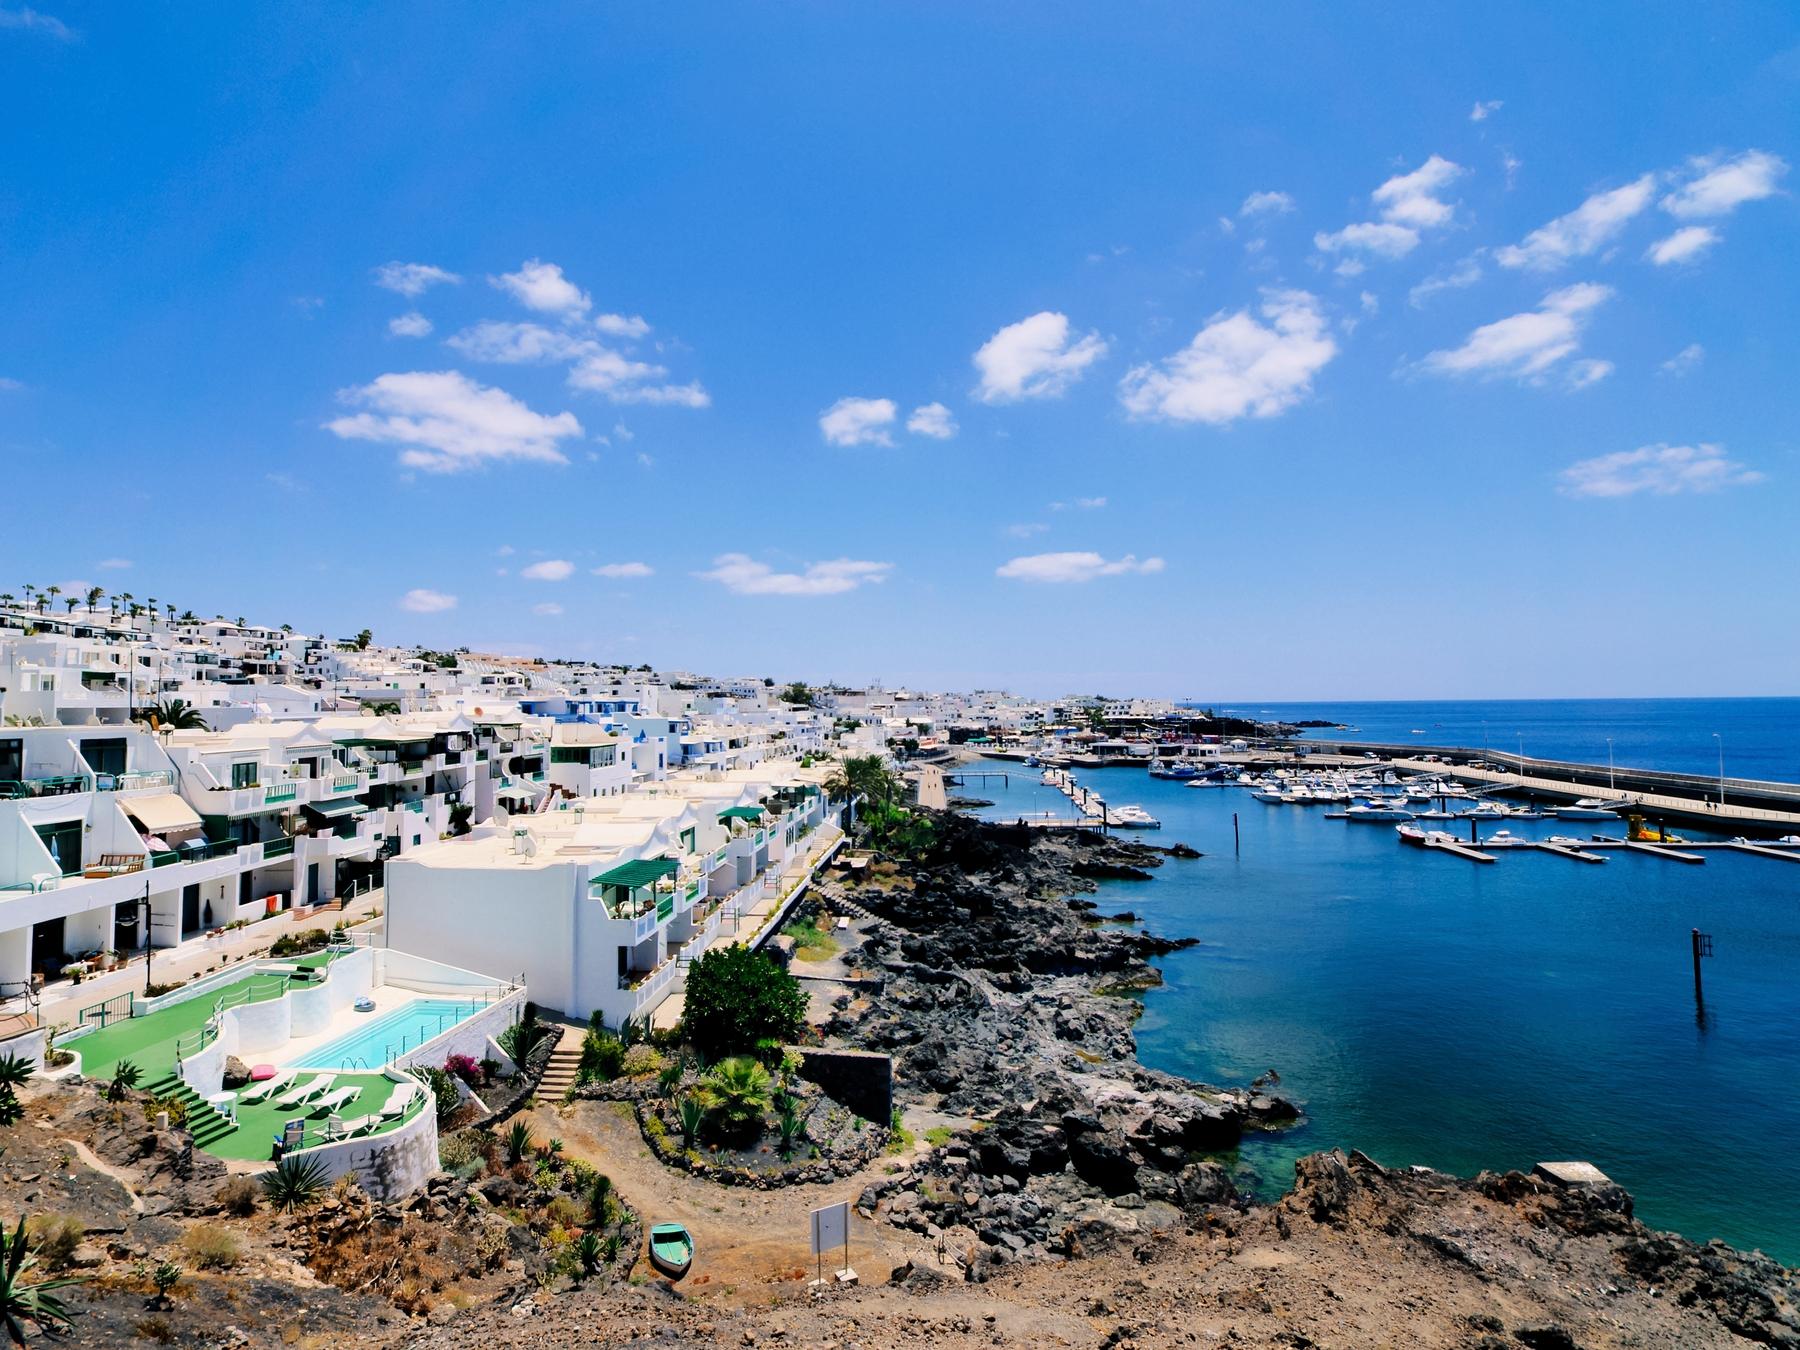 Spiagge gran Canaria: Playa de Puerto Rico Gran Canaria